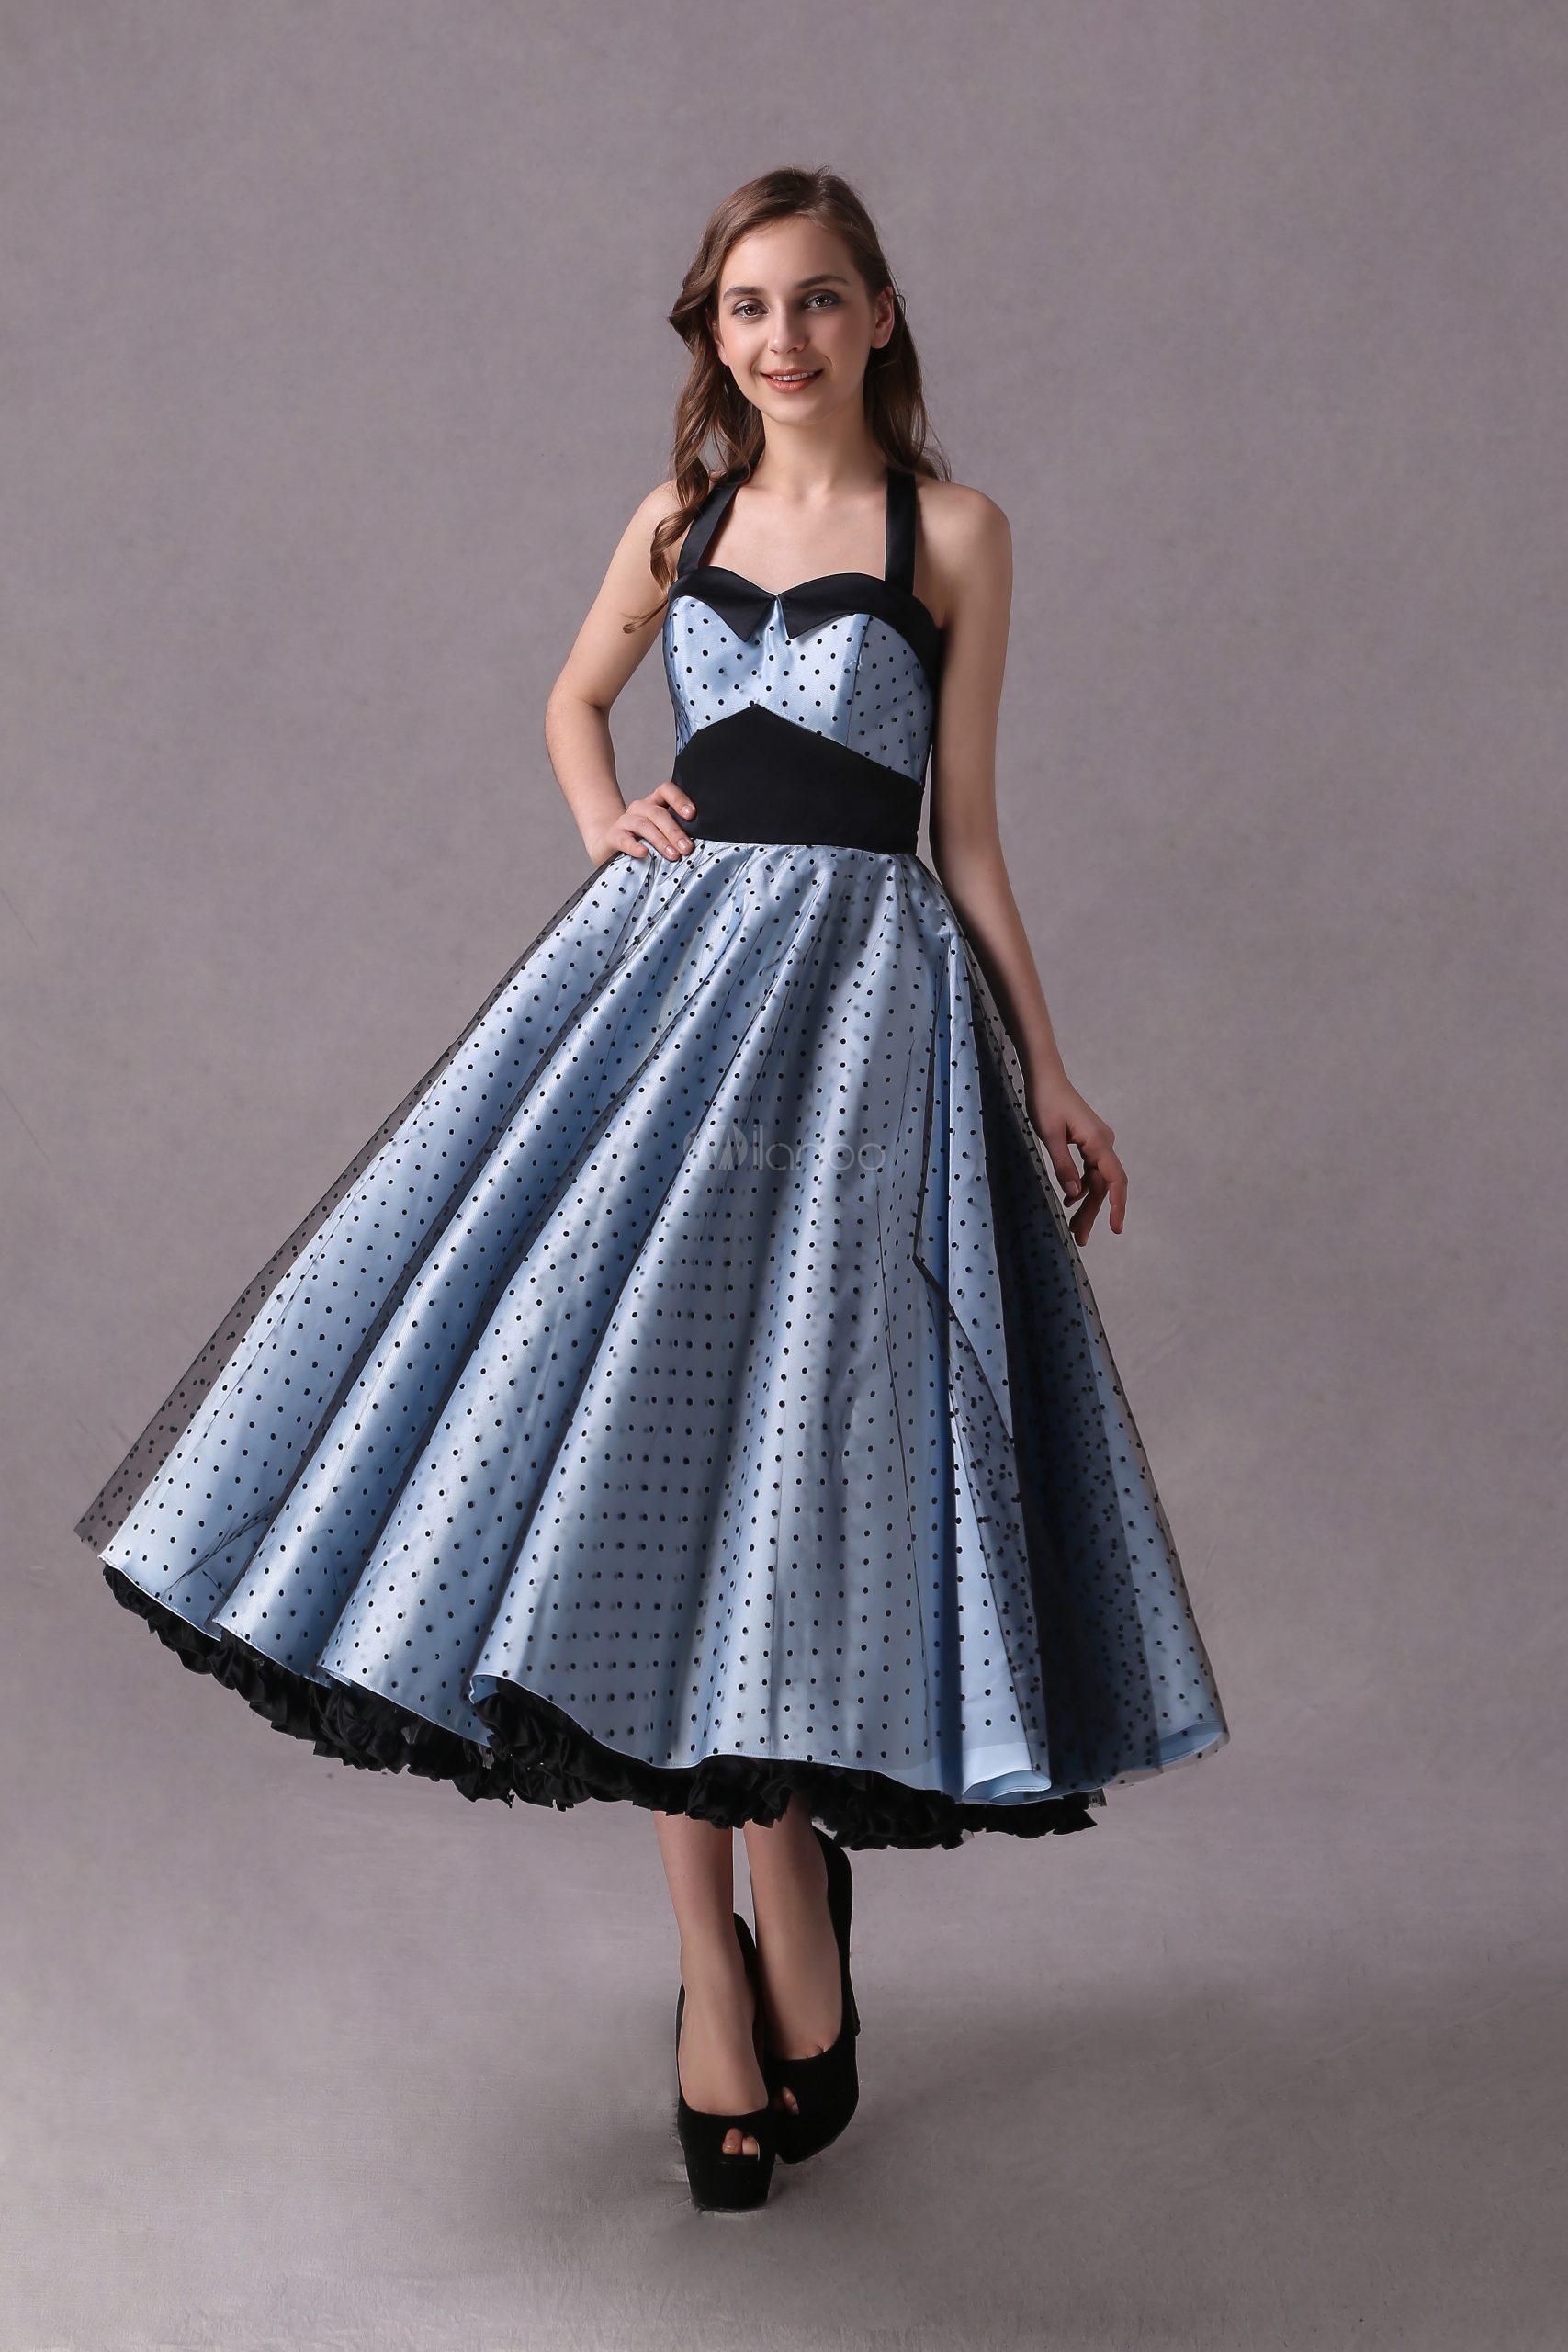 Rockabilly Brautjungfer Kleider Short Baby Blue Polka Dot Print Halter Tee  Länge Vintage Hochzeit Party Kleider